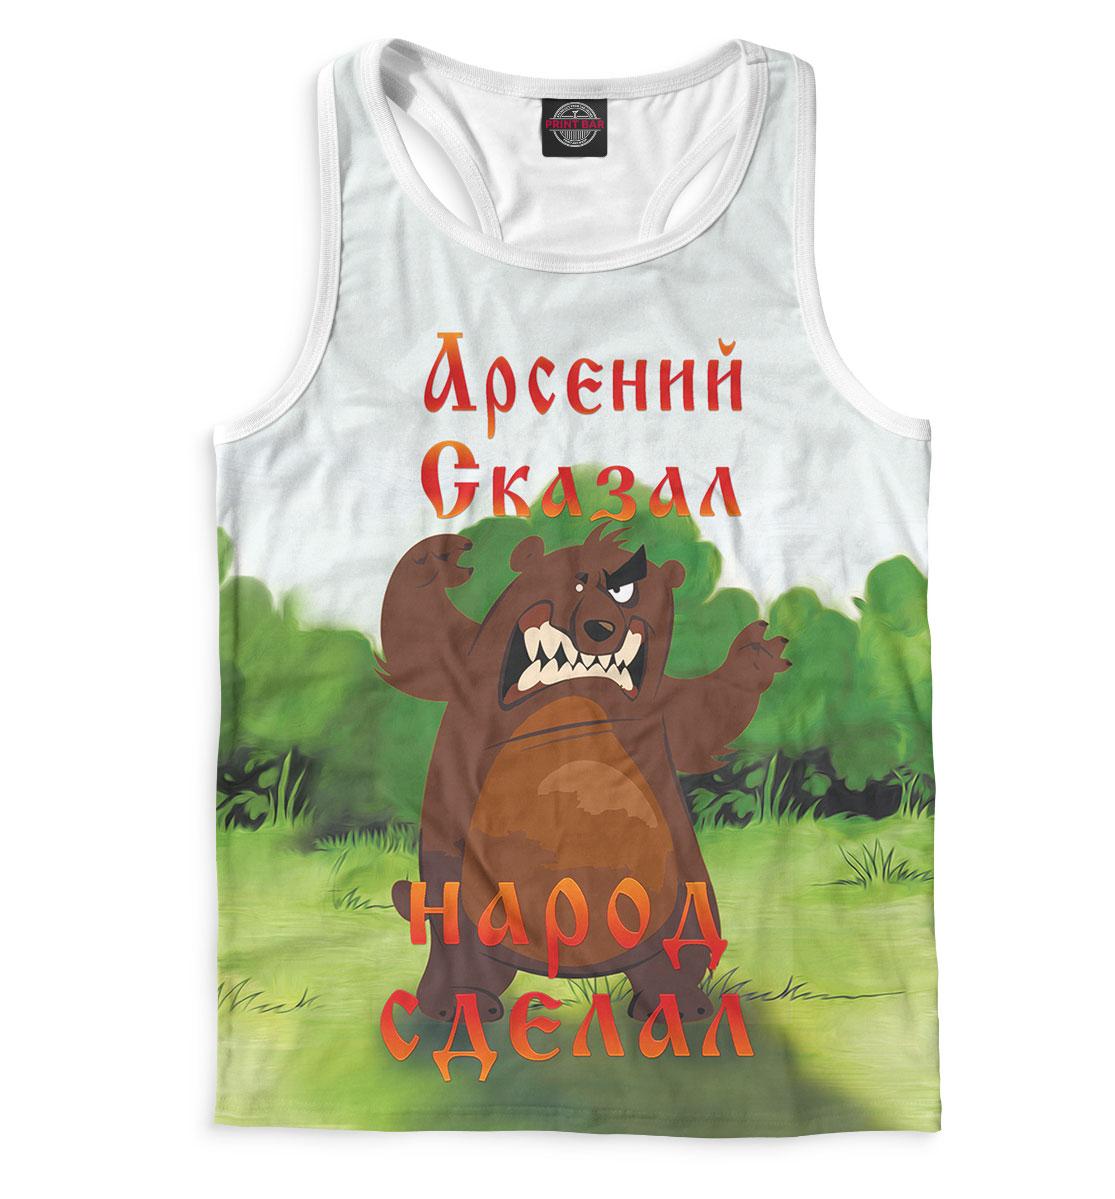 Купить Арсений сказал, Printbar, Майки борцовки, ASN-479944-mayb-2